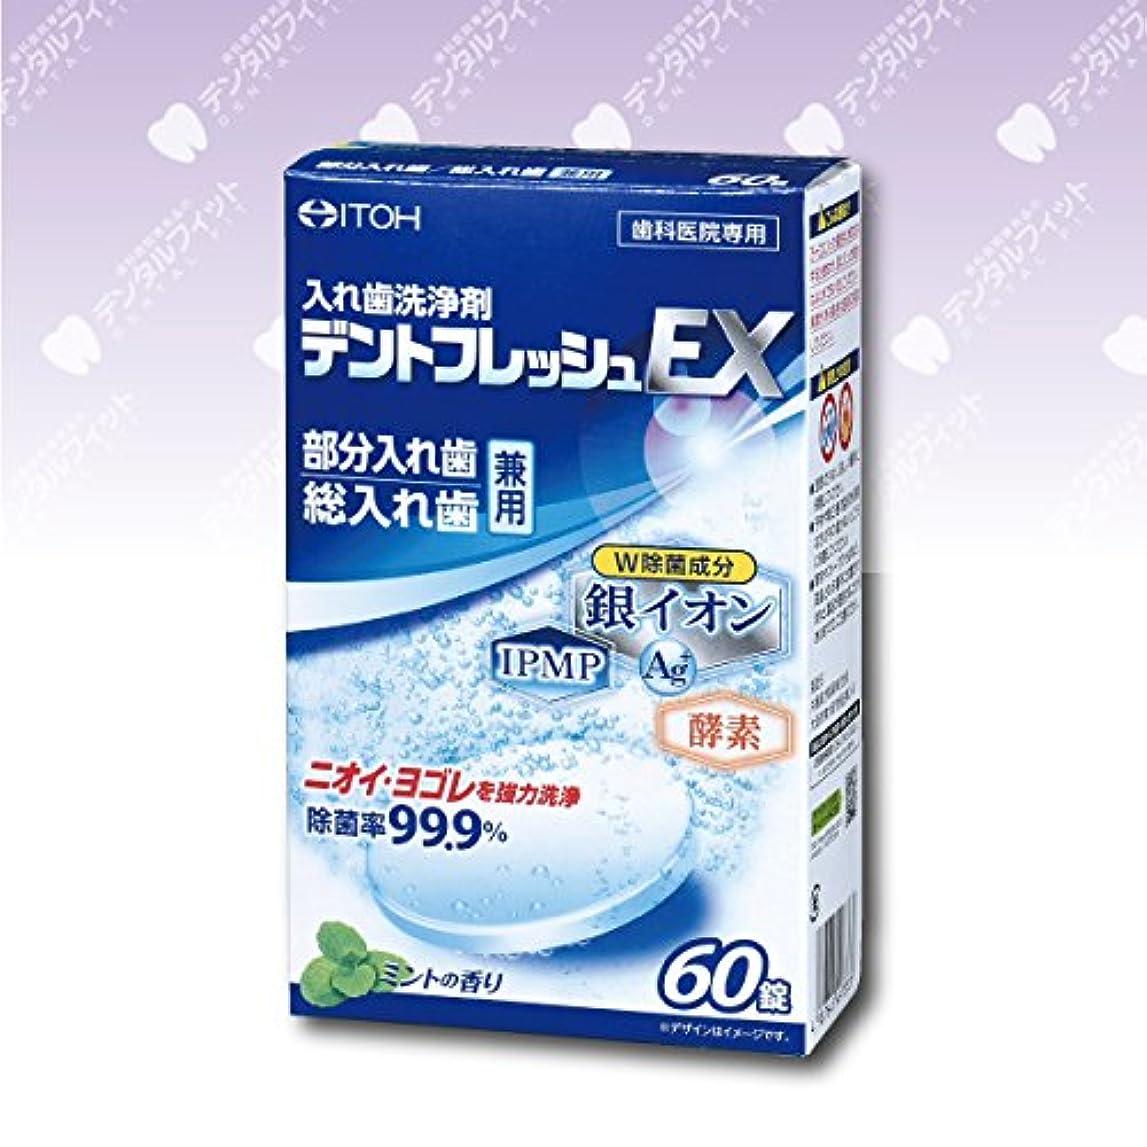 必要ない熱心なディレクトリ入れ歯洗浄剤 デントフレッシュEX 1箱(60錠)